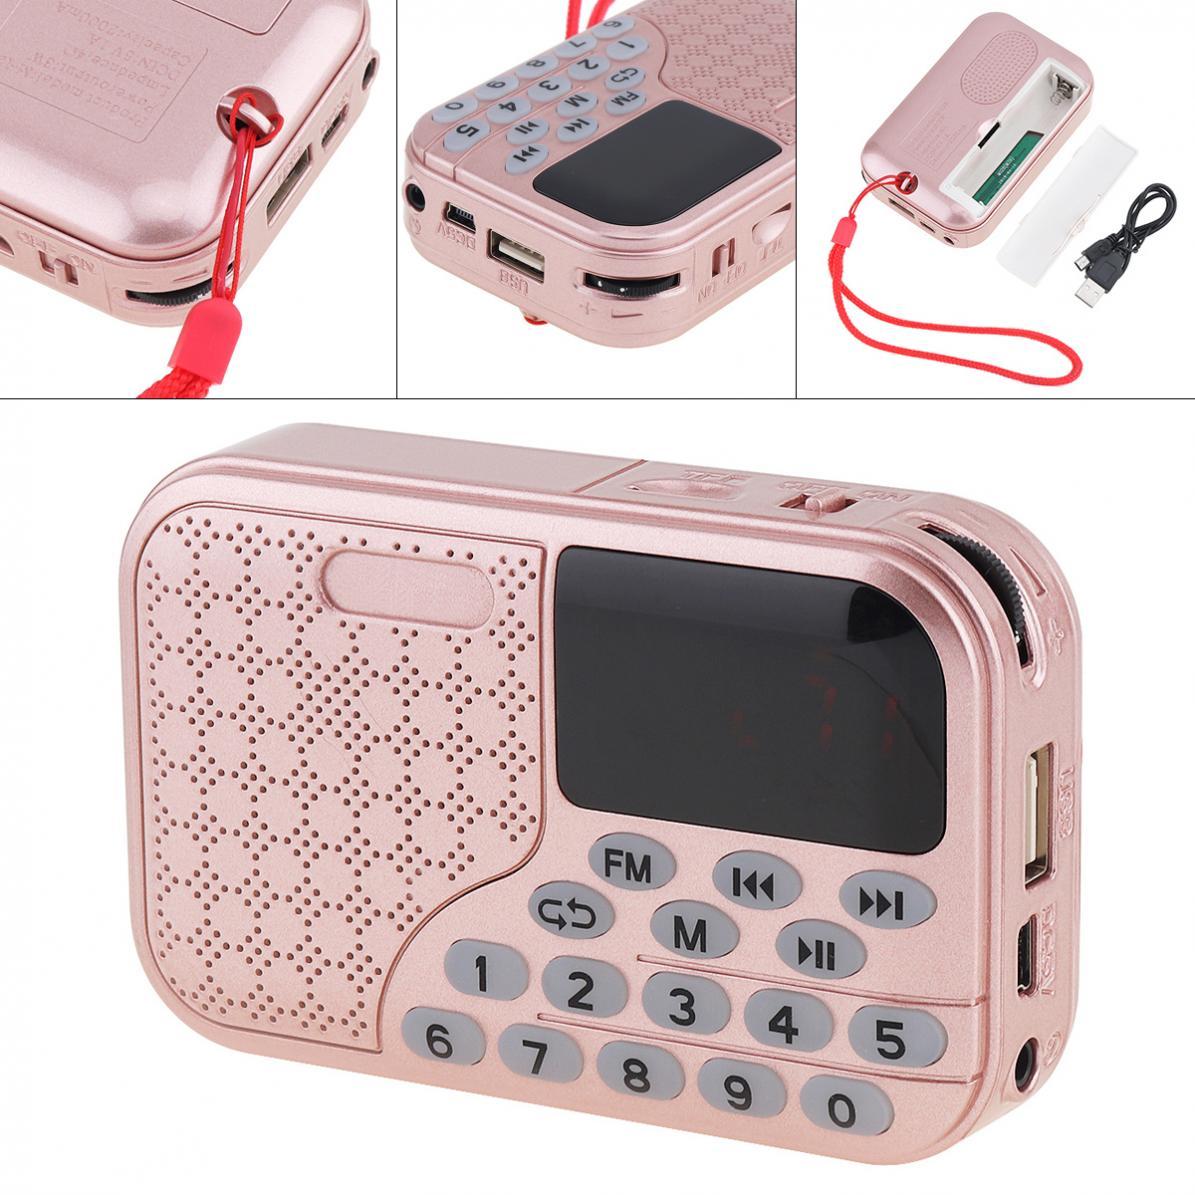 Radio Tragbares Audio & Video Sanft E55 Tragbare Radio Mini Audio Karte Lautsprecher Fm Radio Mit 3,5mm Kopfhörer Jack Für Outdoor/home 100% Original